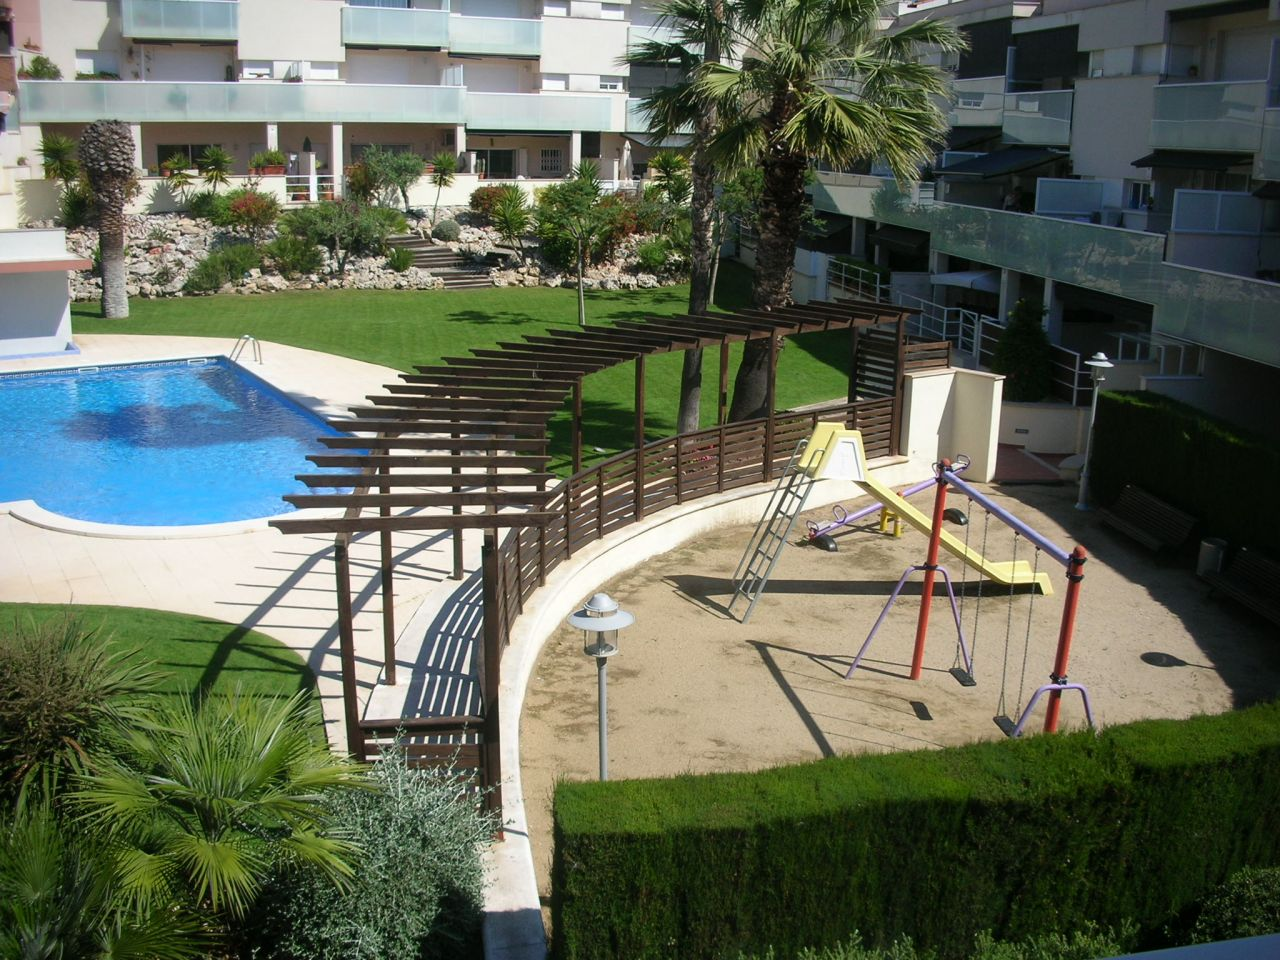 Квартира на Коста-Дорада, Испания, 88 м2 - фото 1